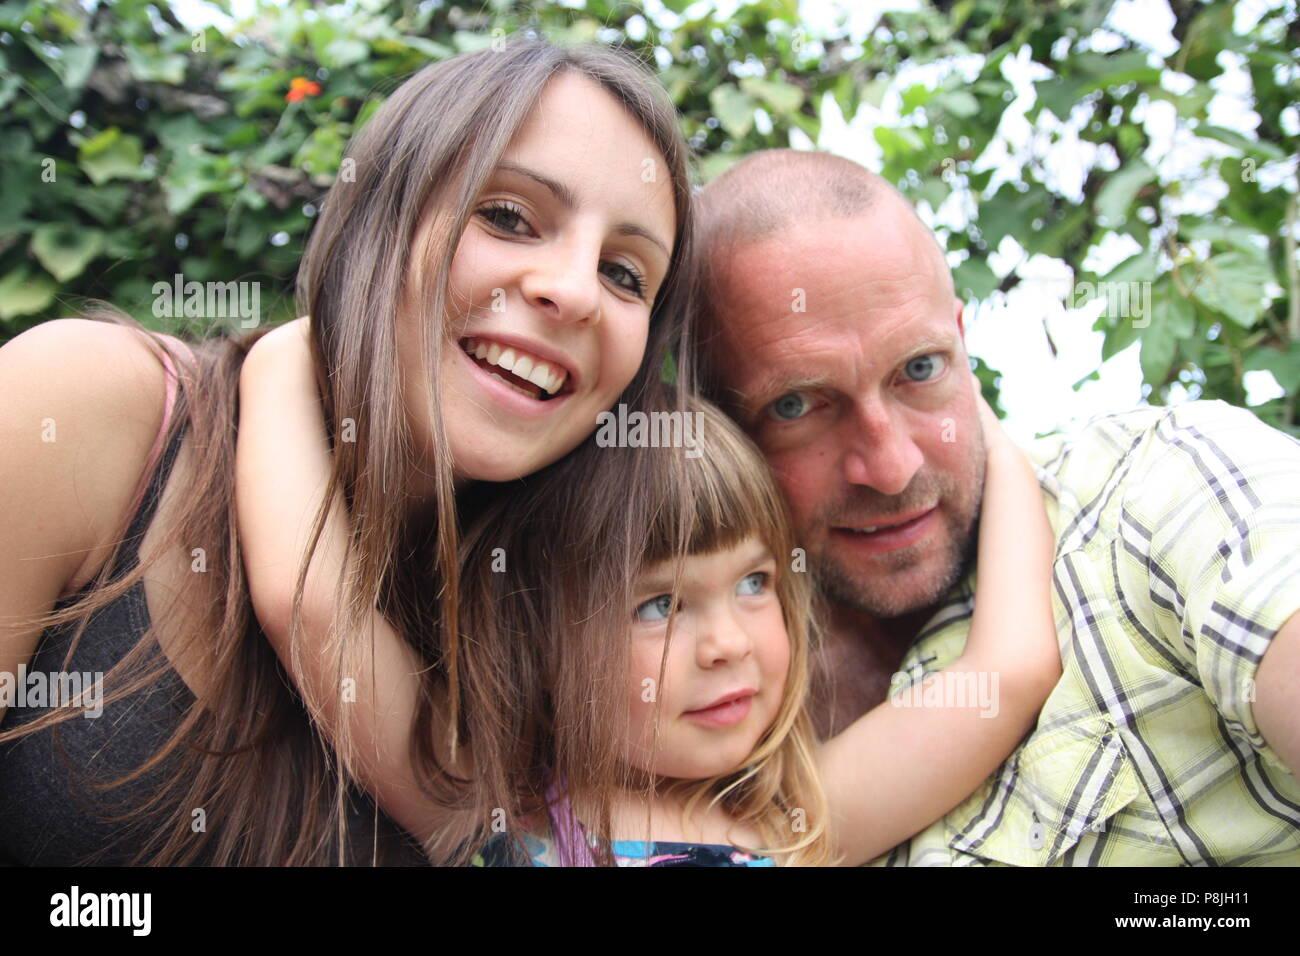 Schöne glückliche Familie kuscheln selfie Bild lange dunkle Haare Paar mit Kleinkind Stockbild